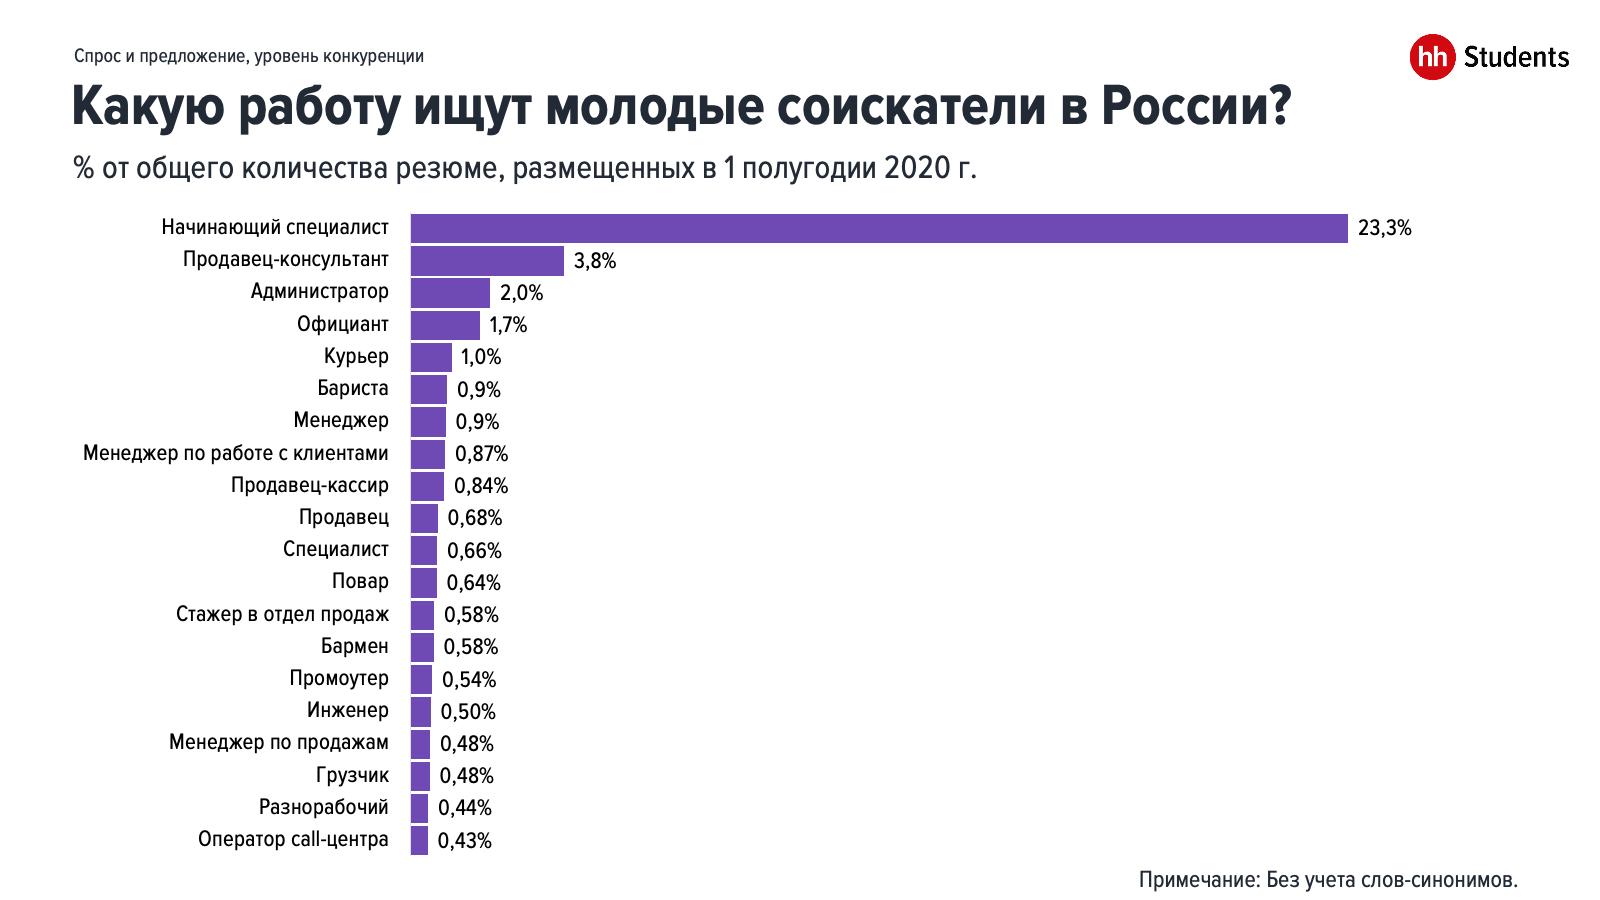 Конкуренция среди молодых специалистов в 1 половине 2020 года